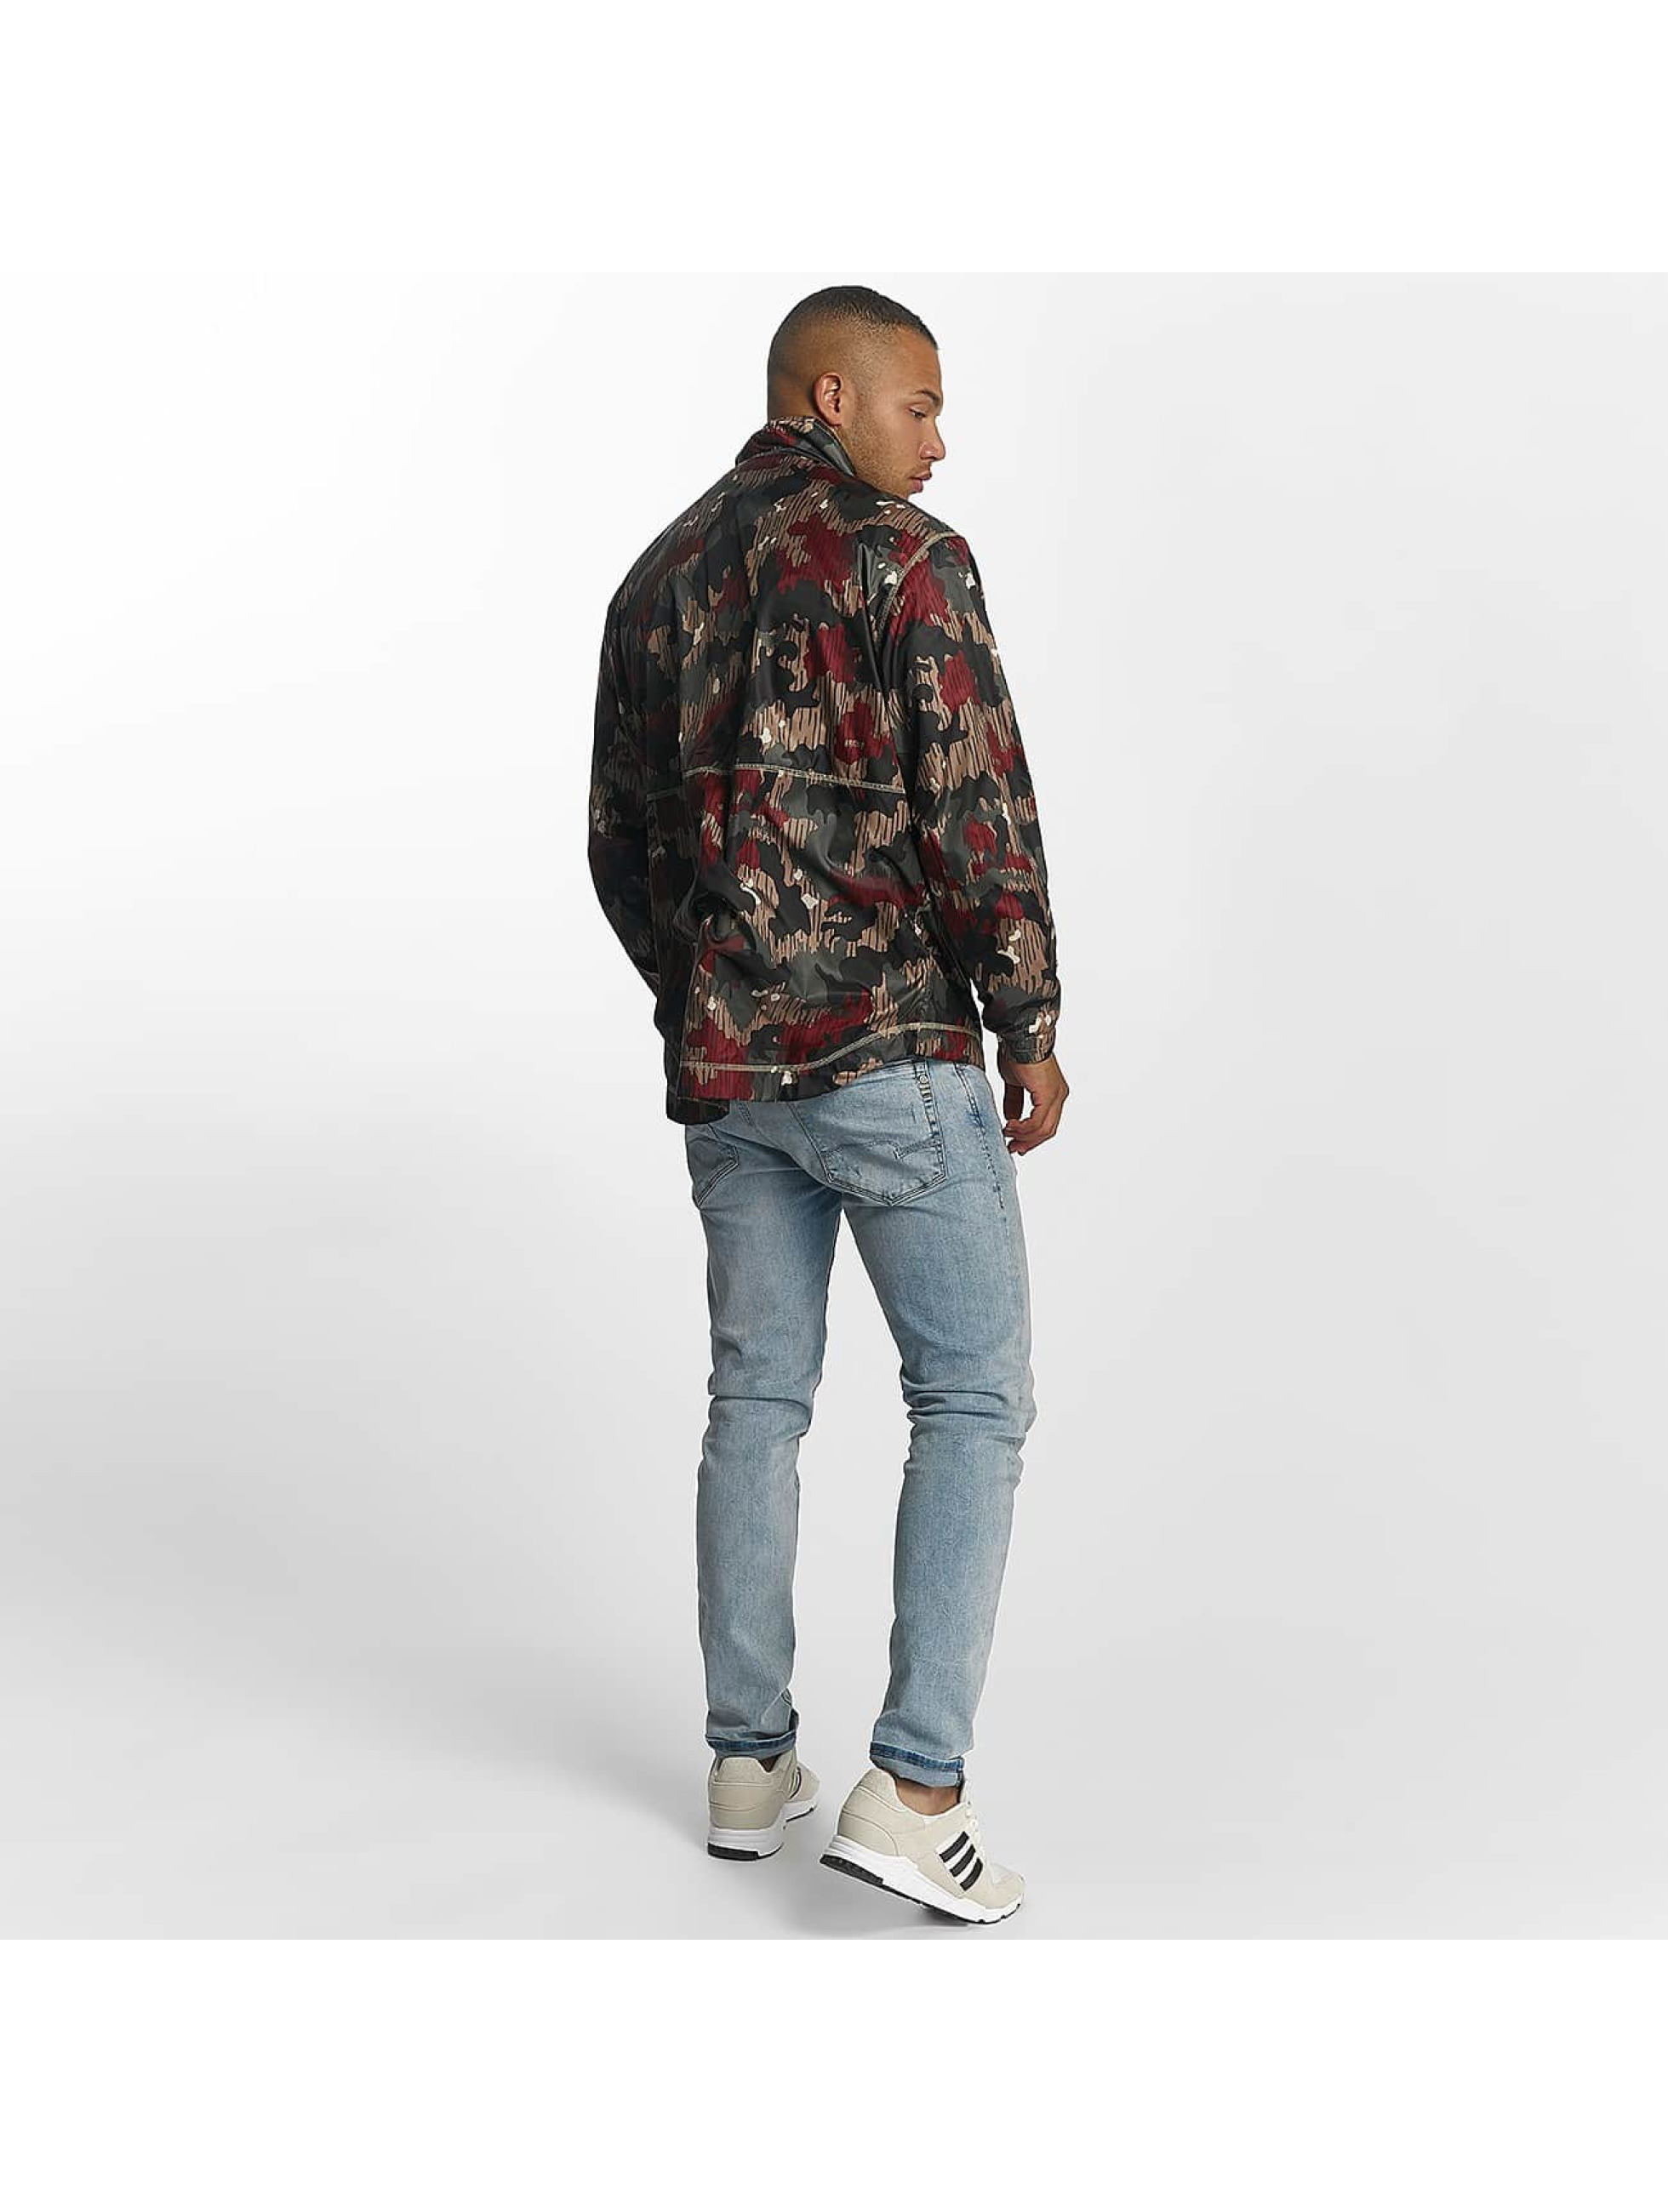 adidas Transitional Jackets Pharrell Williams HU Hiking kamuflasje